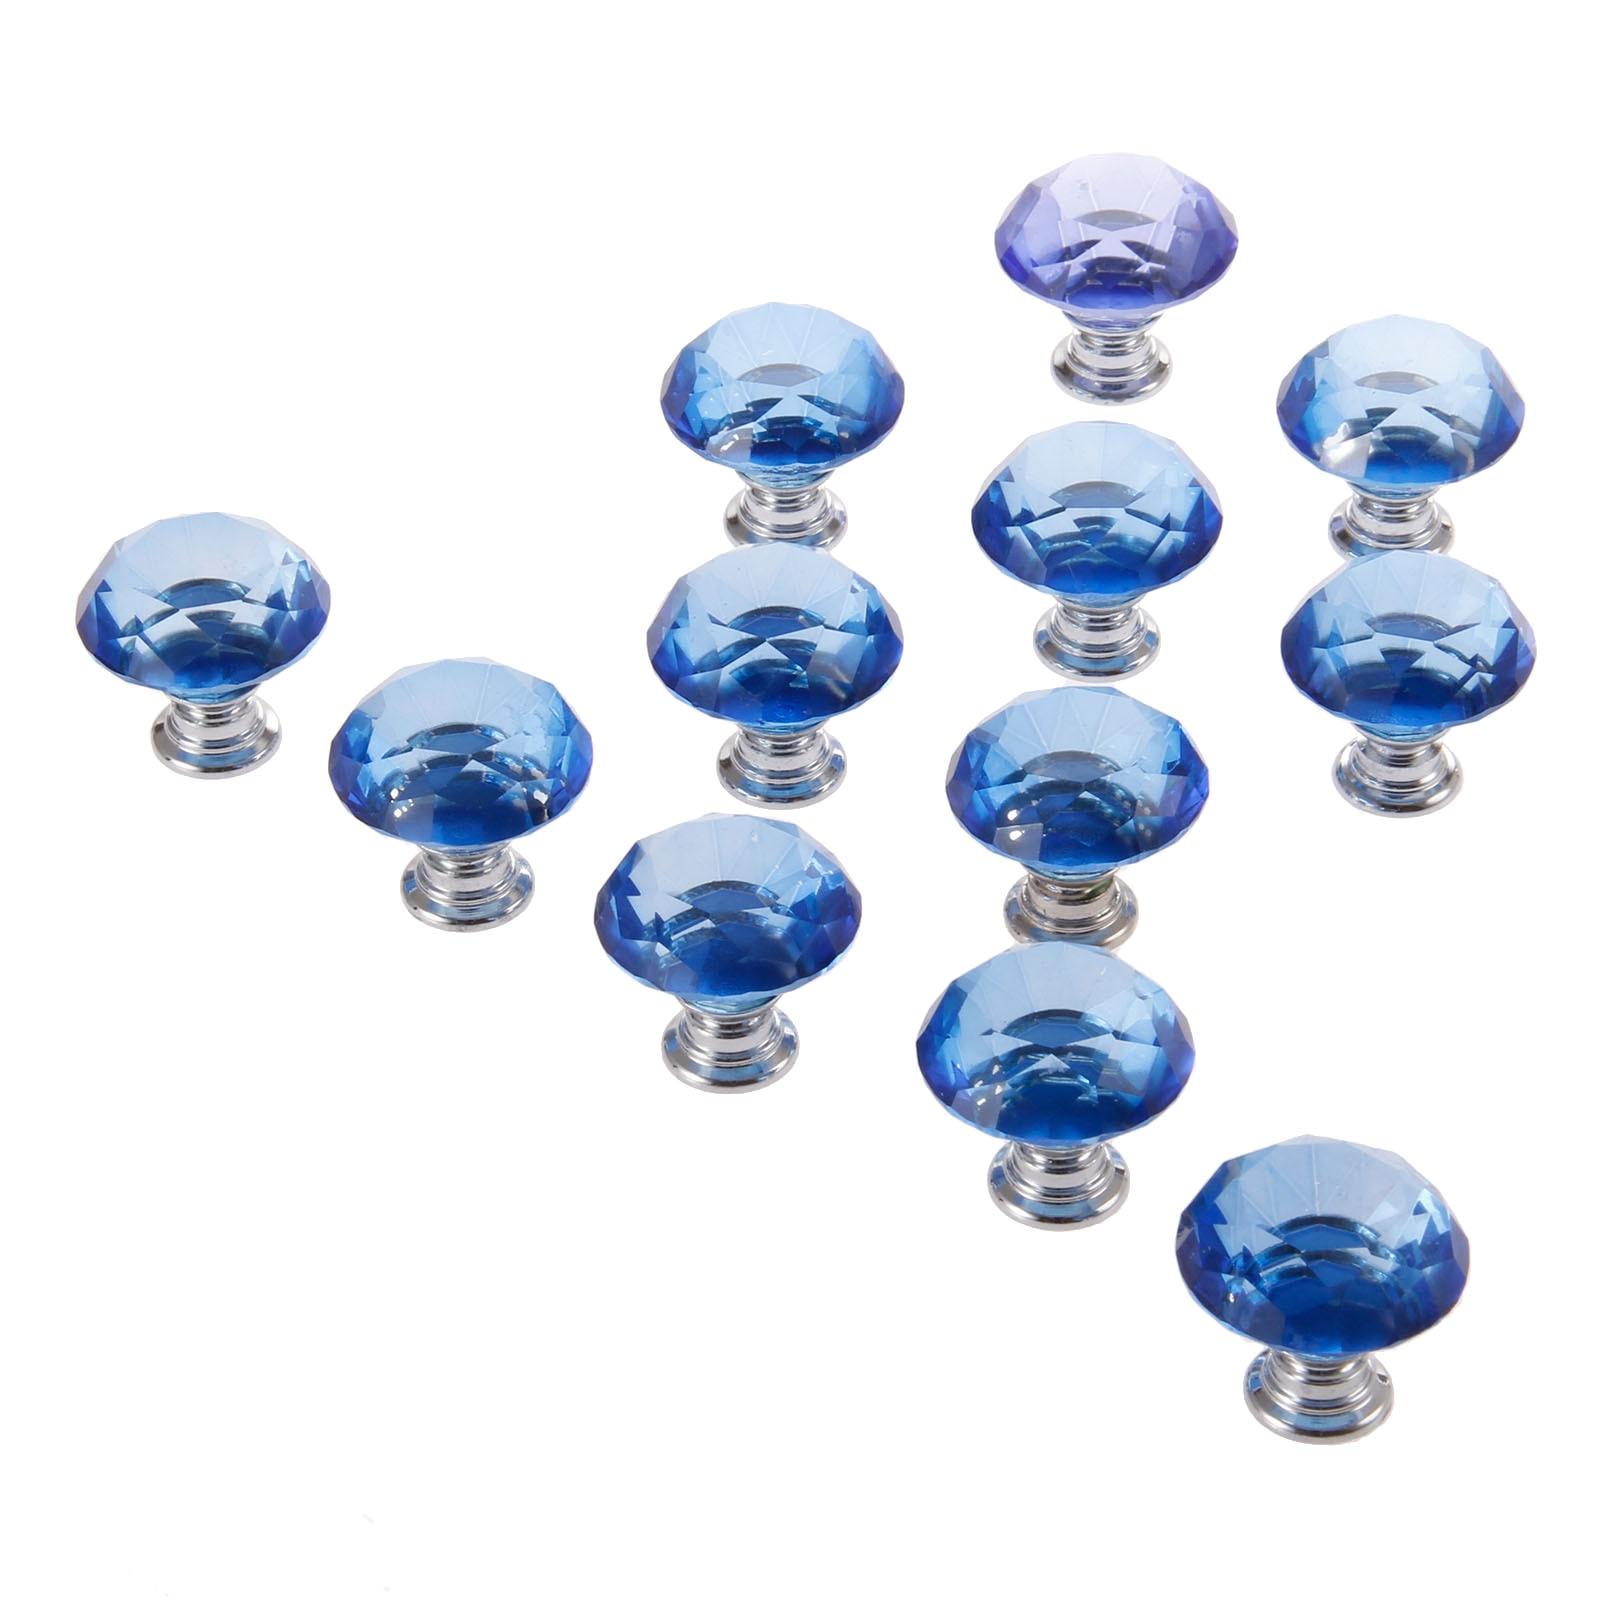 DRELD 12 Uds. Armario de diamantes azules, tiradores de cristal para puertas de cajones, tiradores de 30mm para armarios, manijas para muebles de cocina